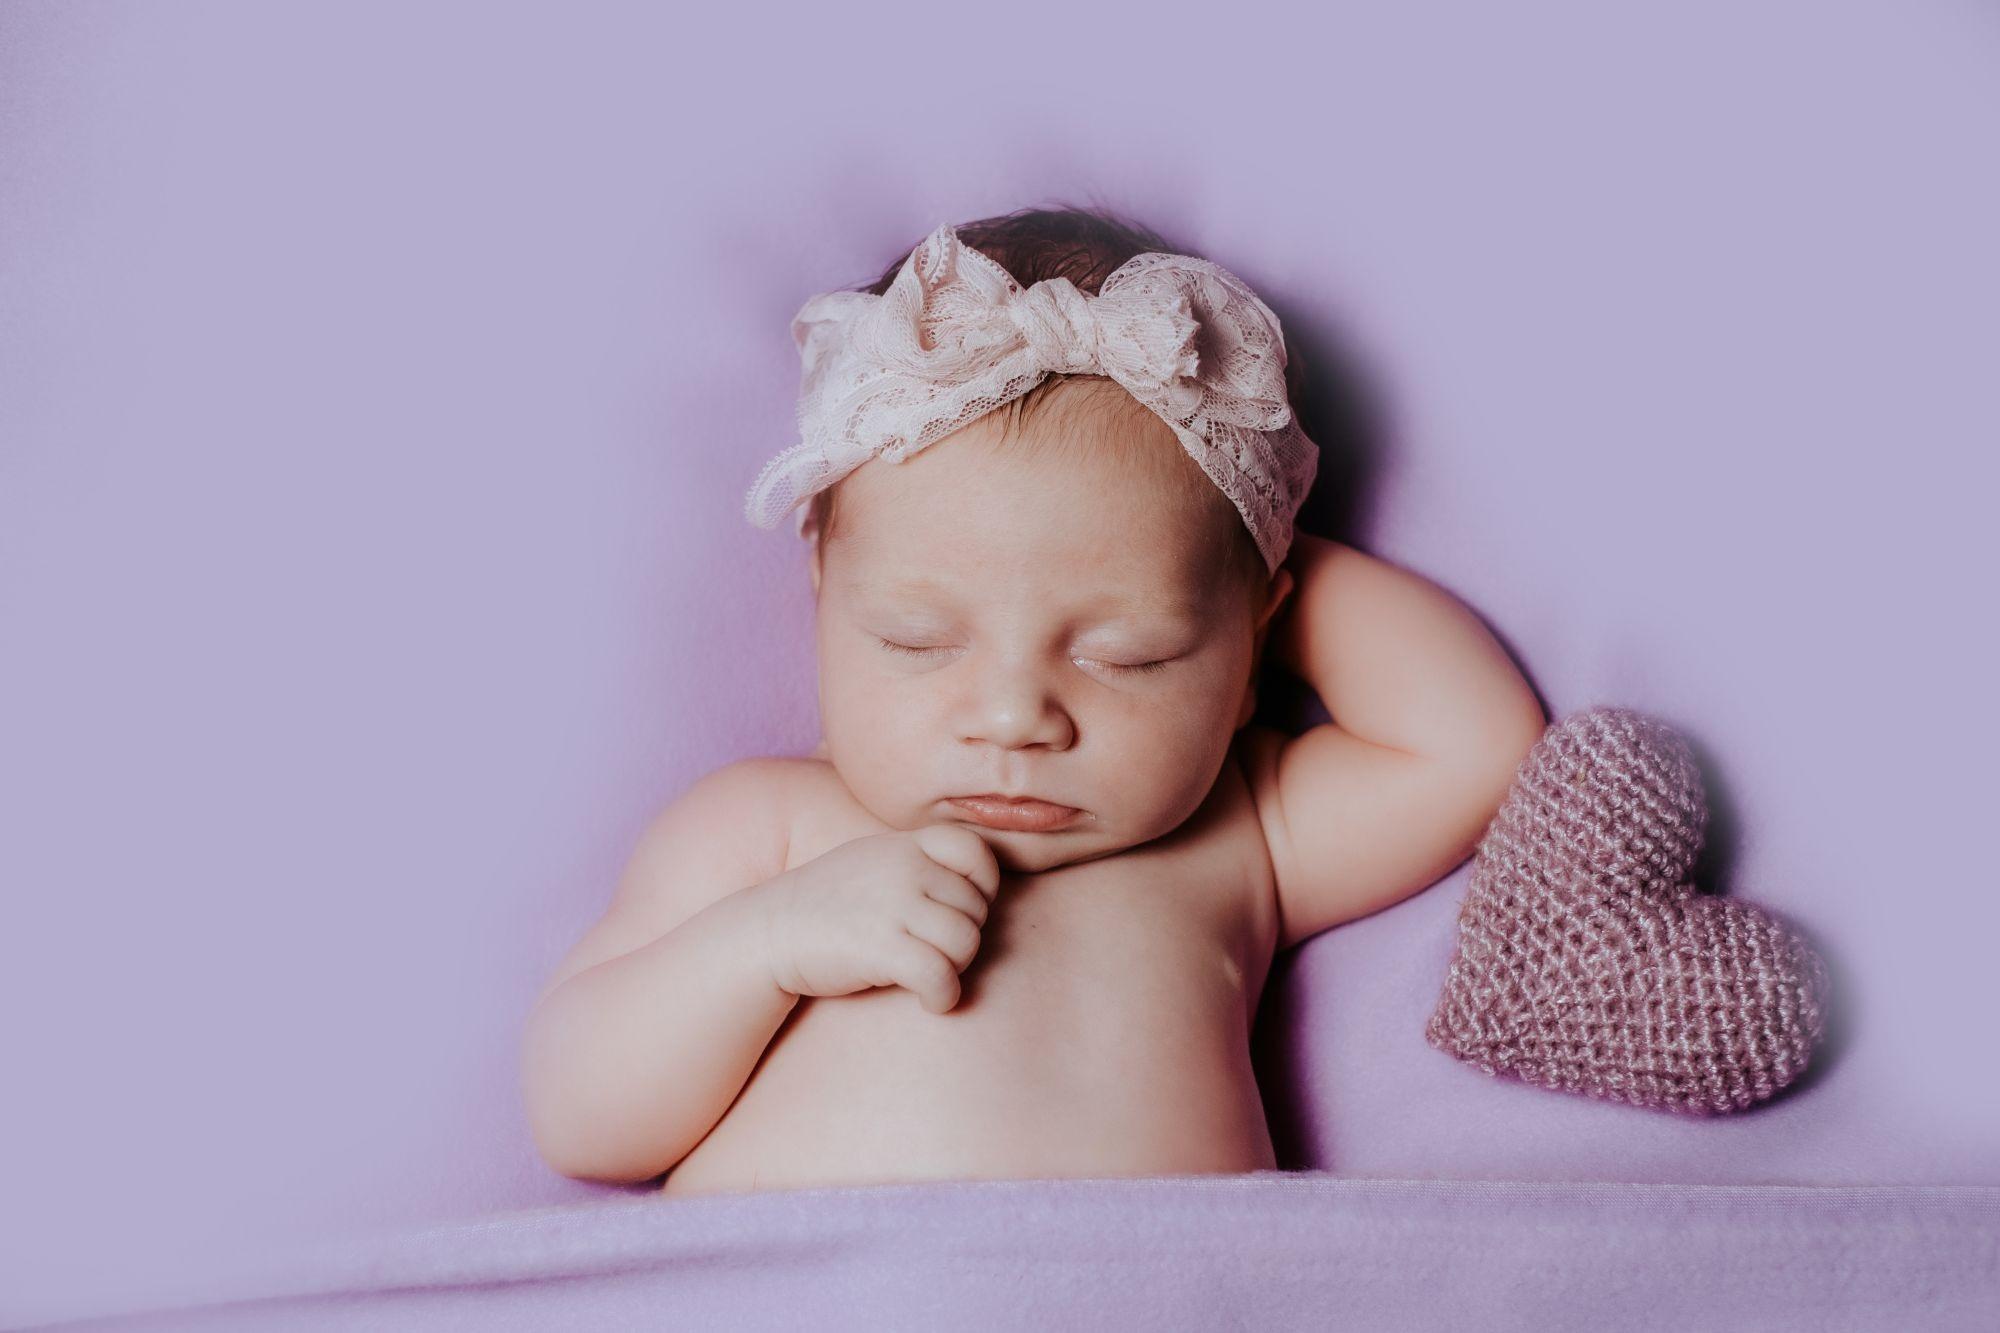 Ti sei mai chiesto come funziona un servizio fotografico newborn? Pillole di curiosità